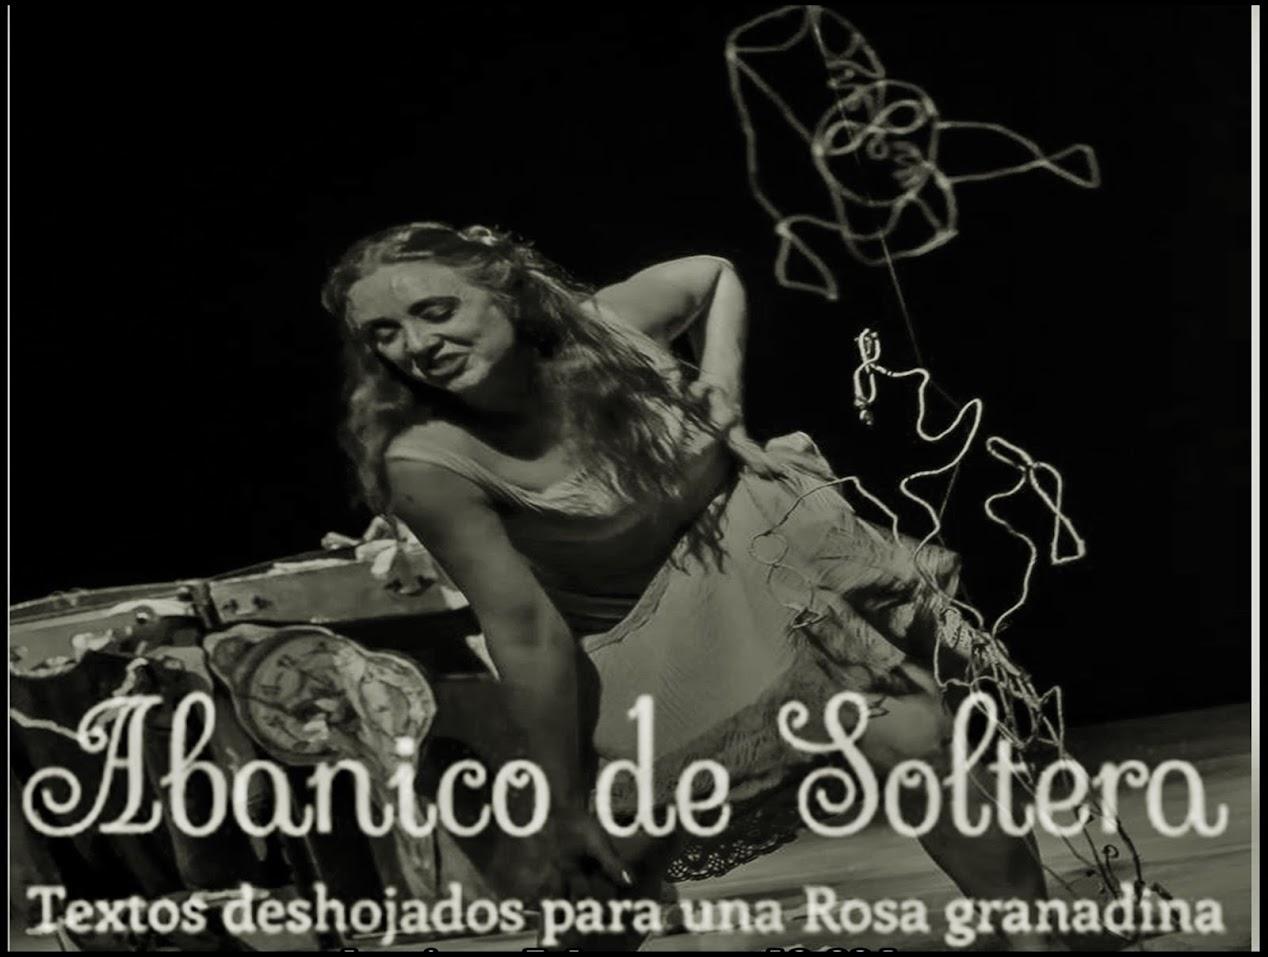 """""""ABANICO DE SOLTERA"""" (textos deshojados para una Rosa granadina)"""